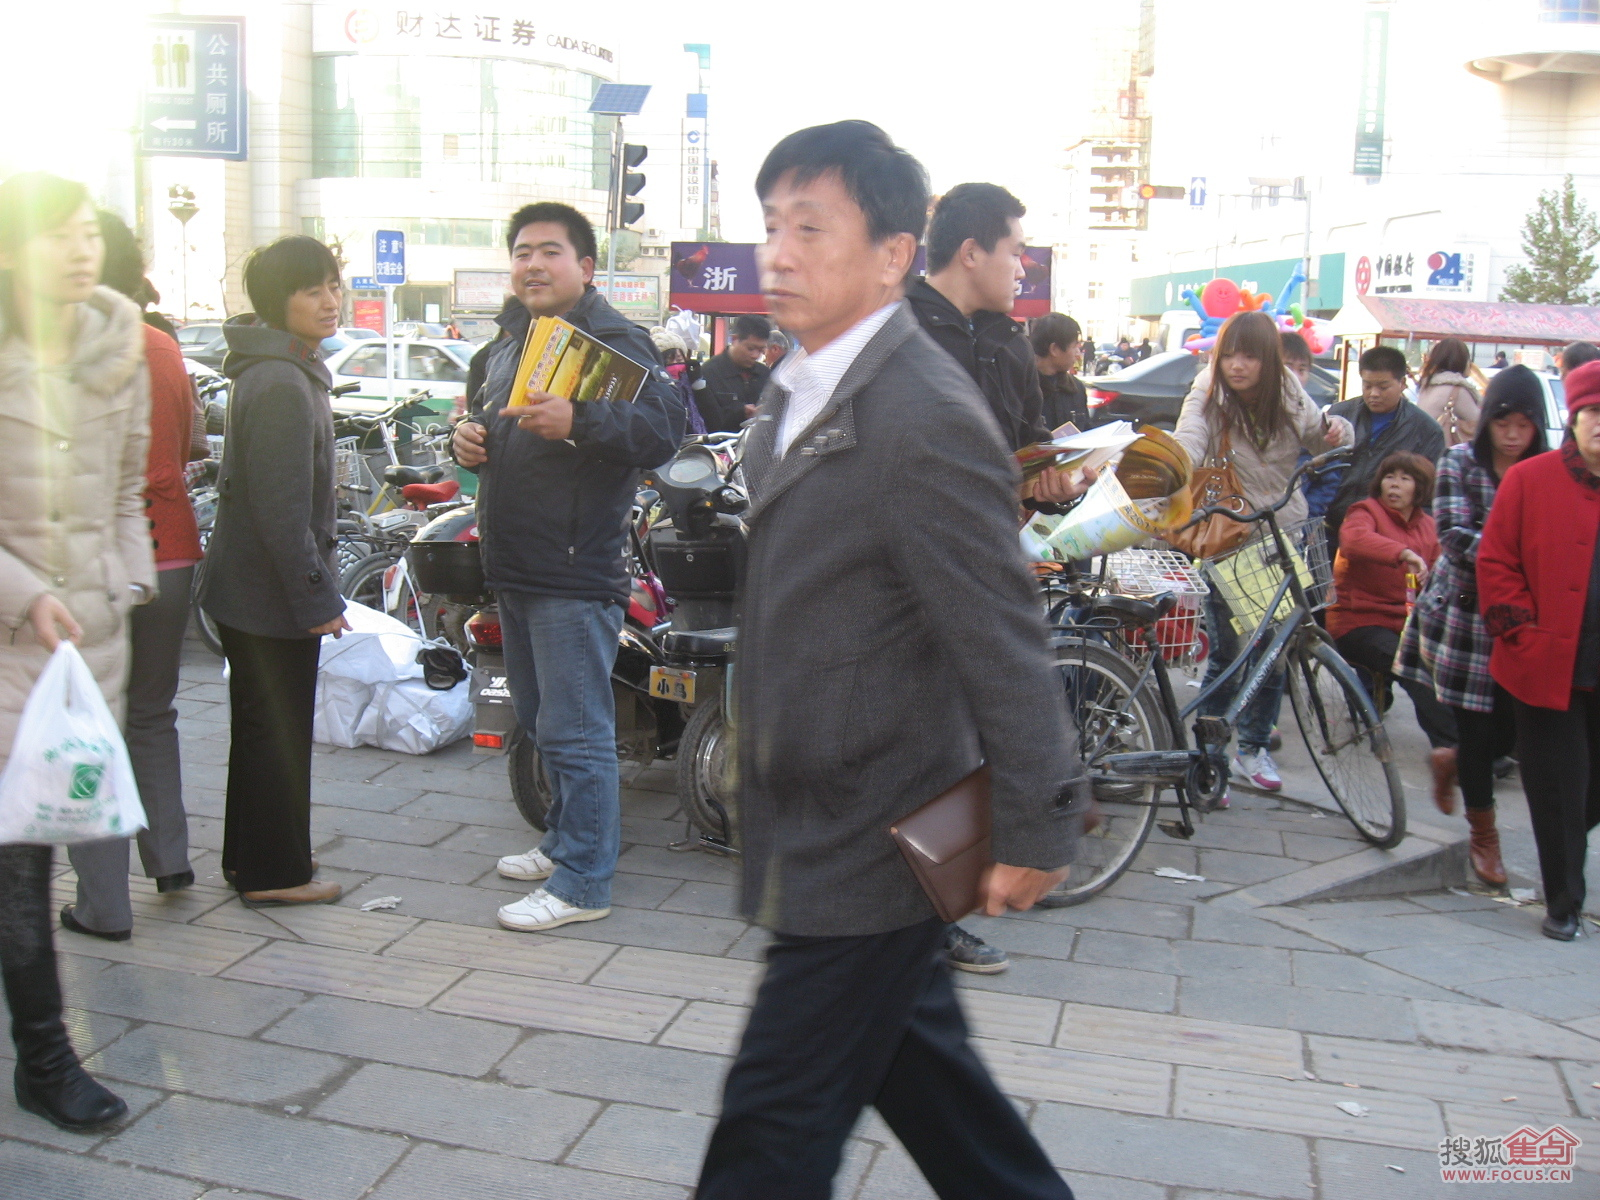 搜狐焦点在衡水市百货大楼图片